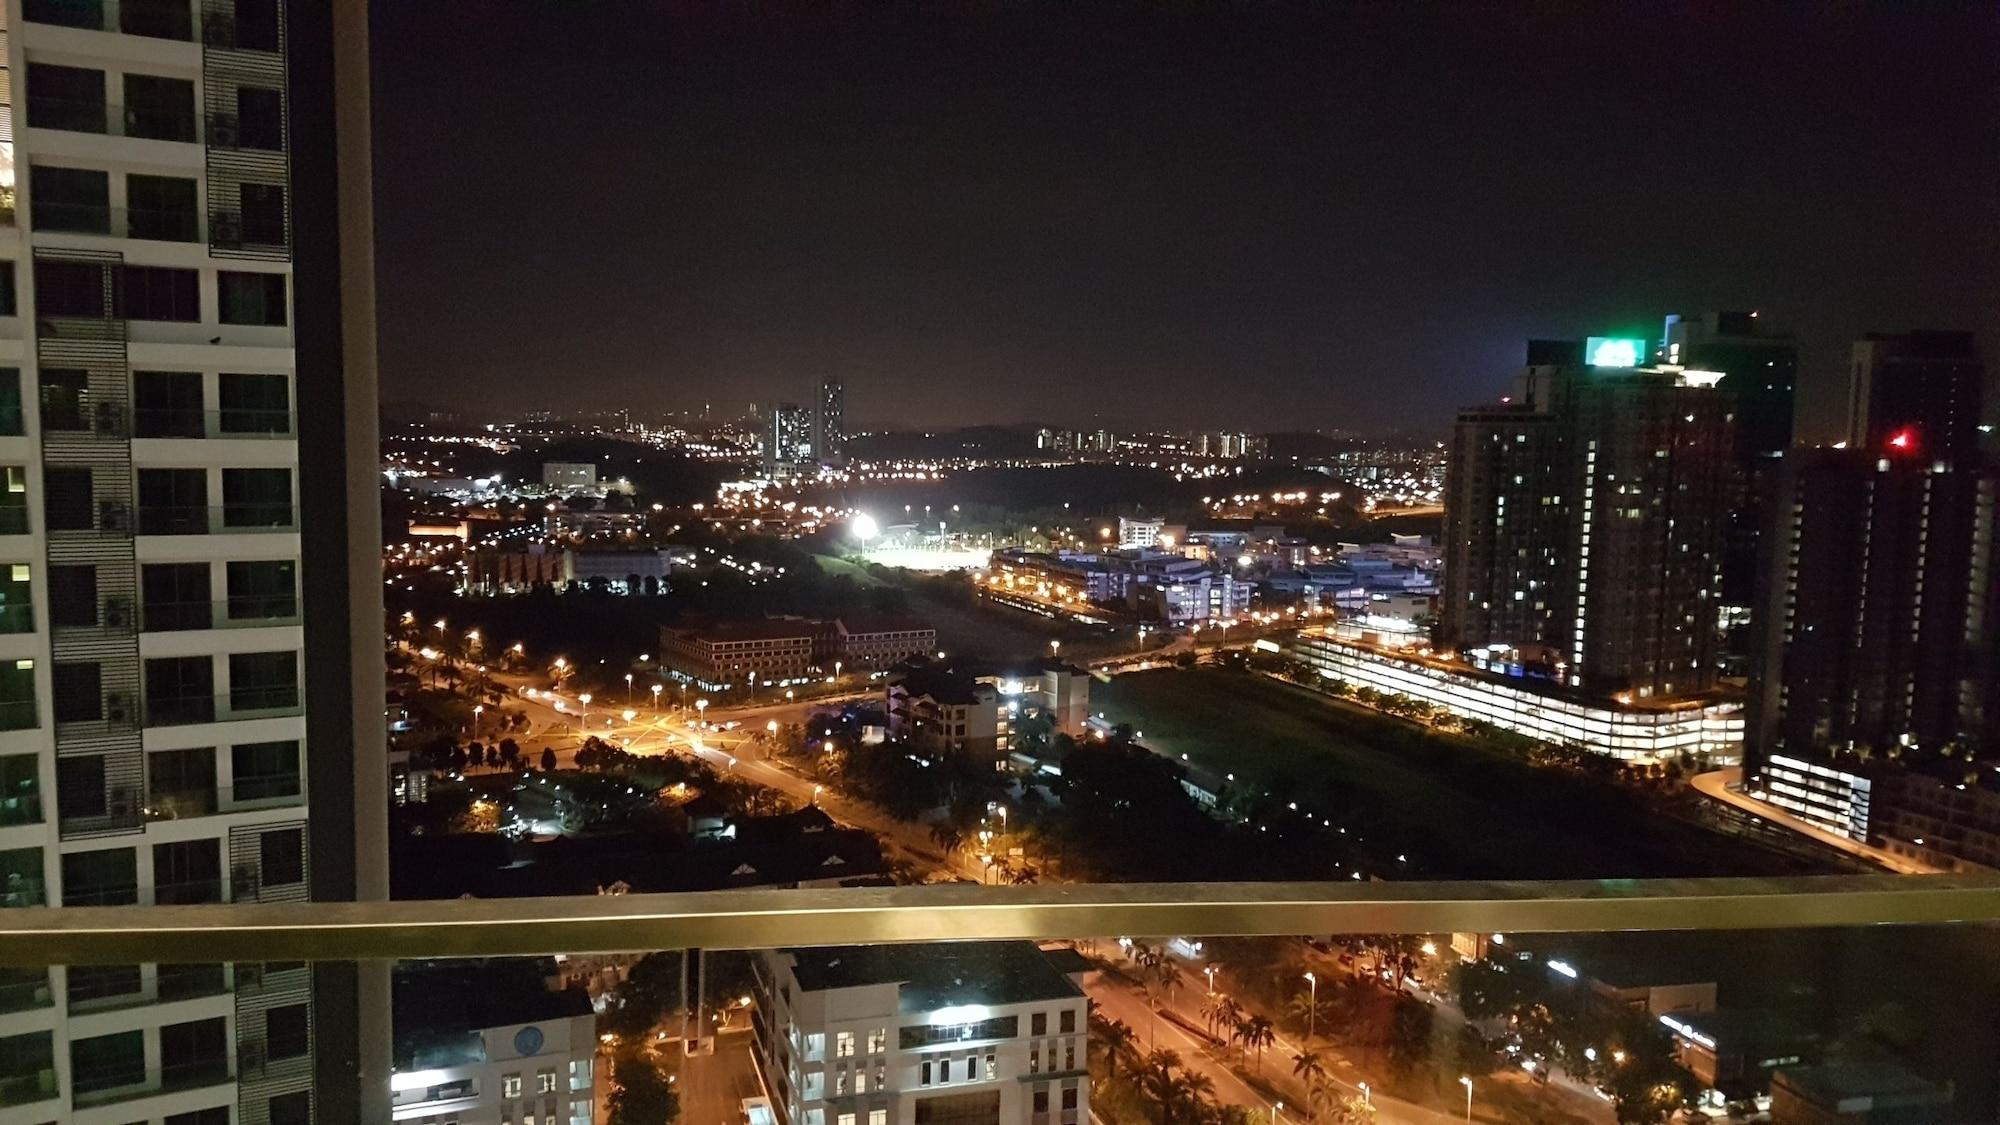 Cyberjaya Cybersquare, Kuala Lumpur